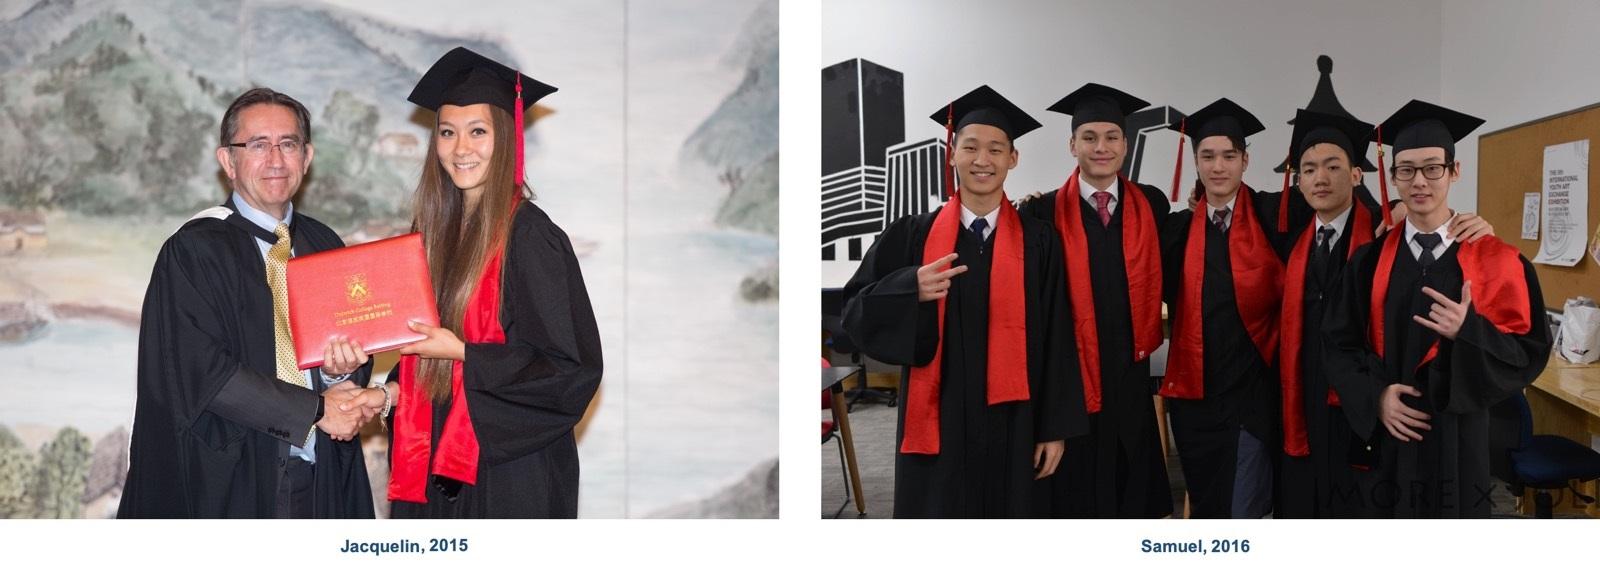 Jacquelin和Samuel的毕业照